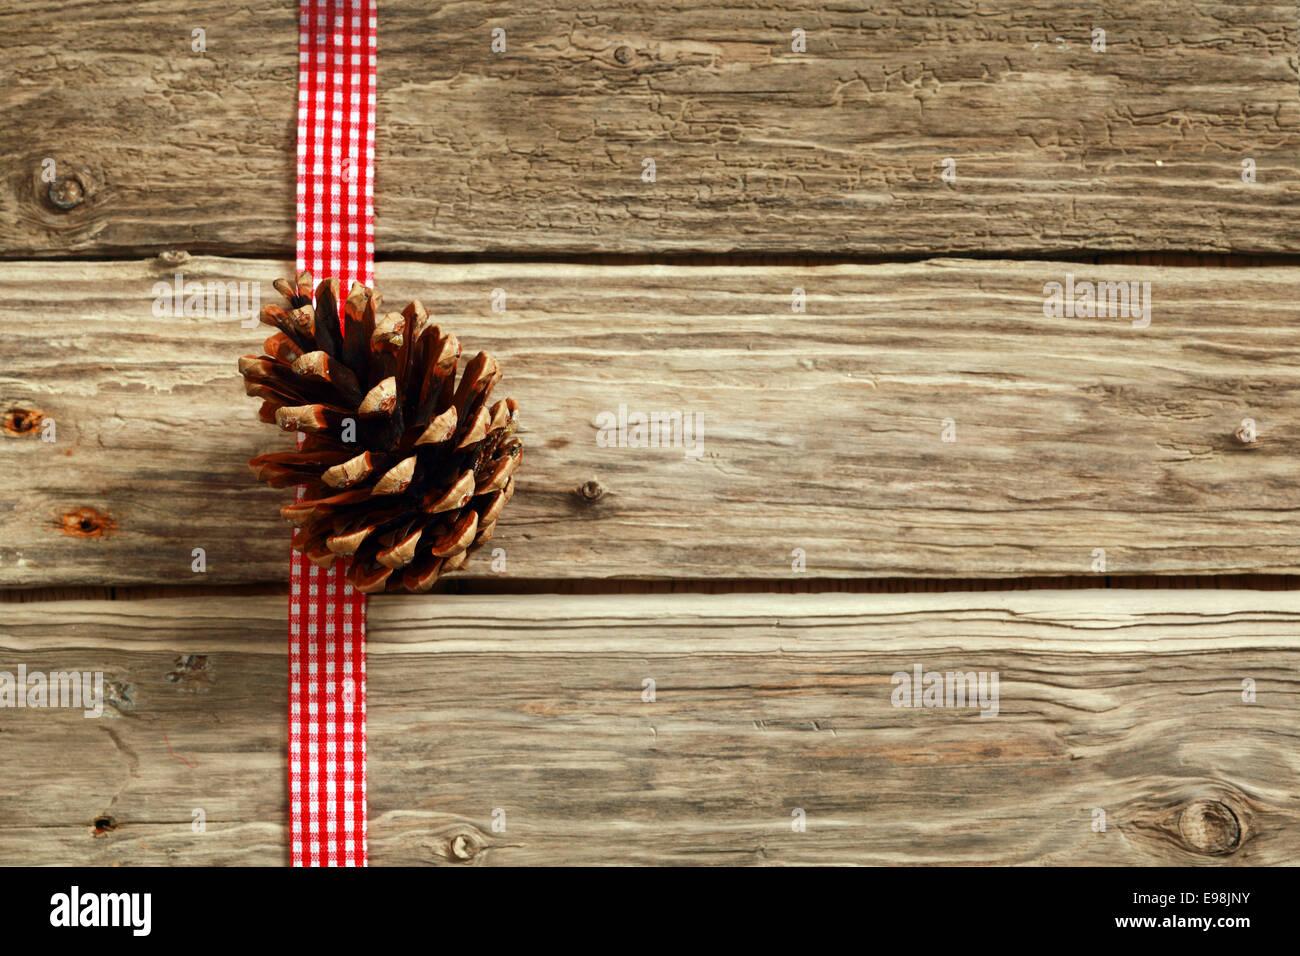 Rustikale Weihnachten Hintergrund mit einem dekorativen weißen Ende ...